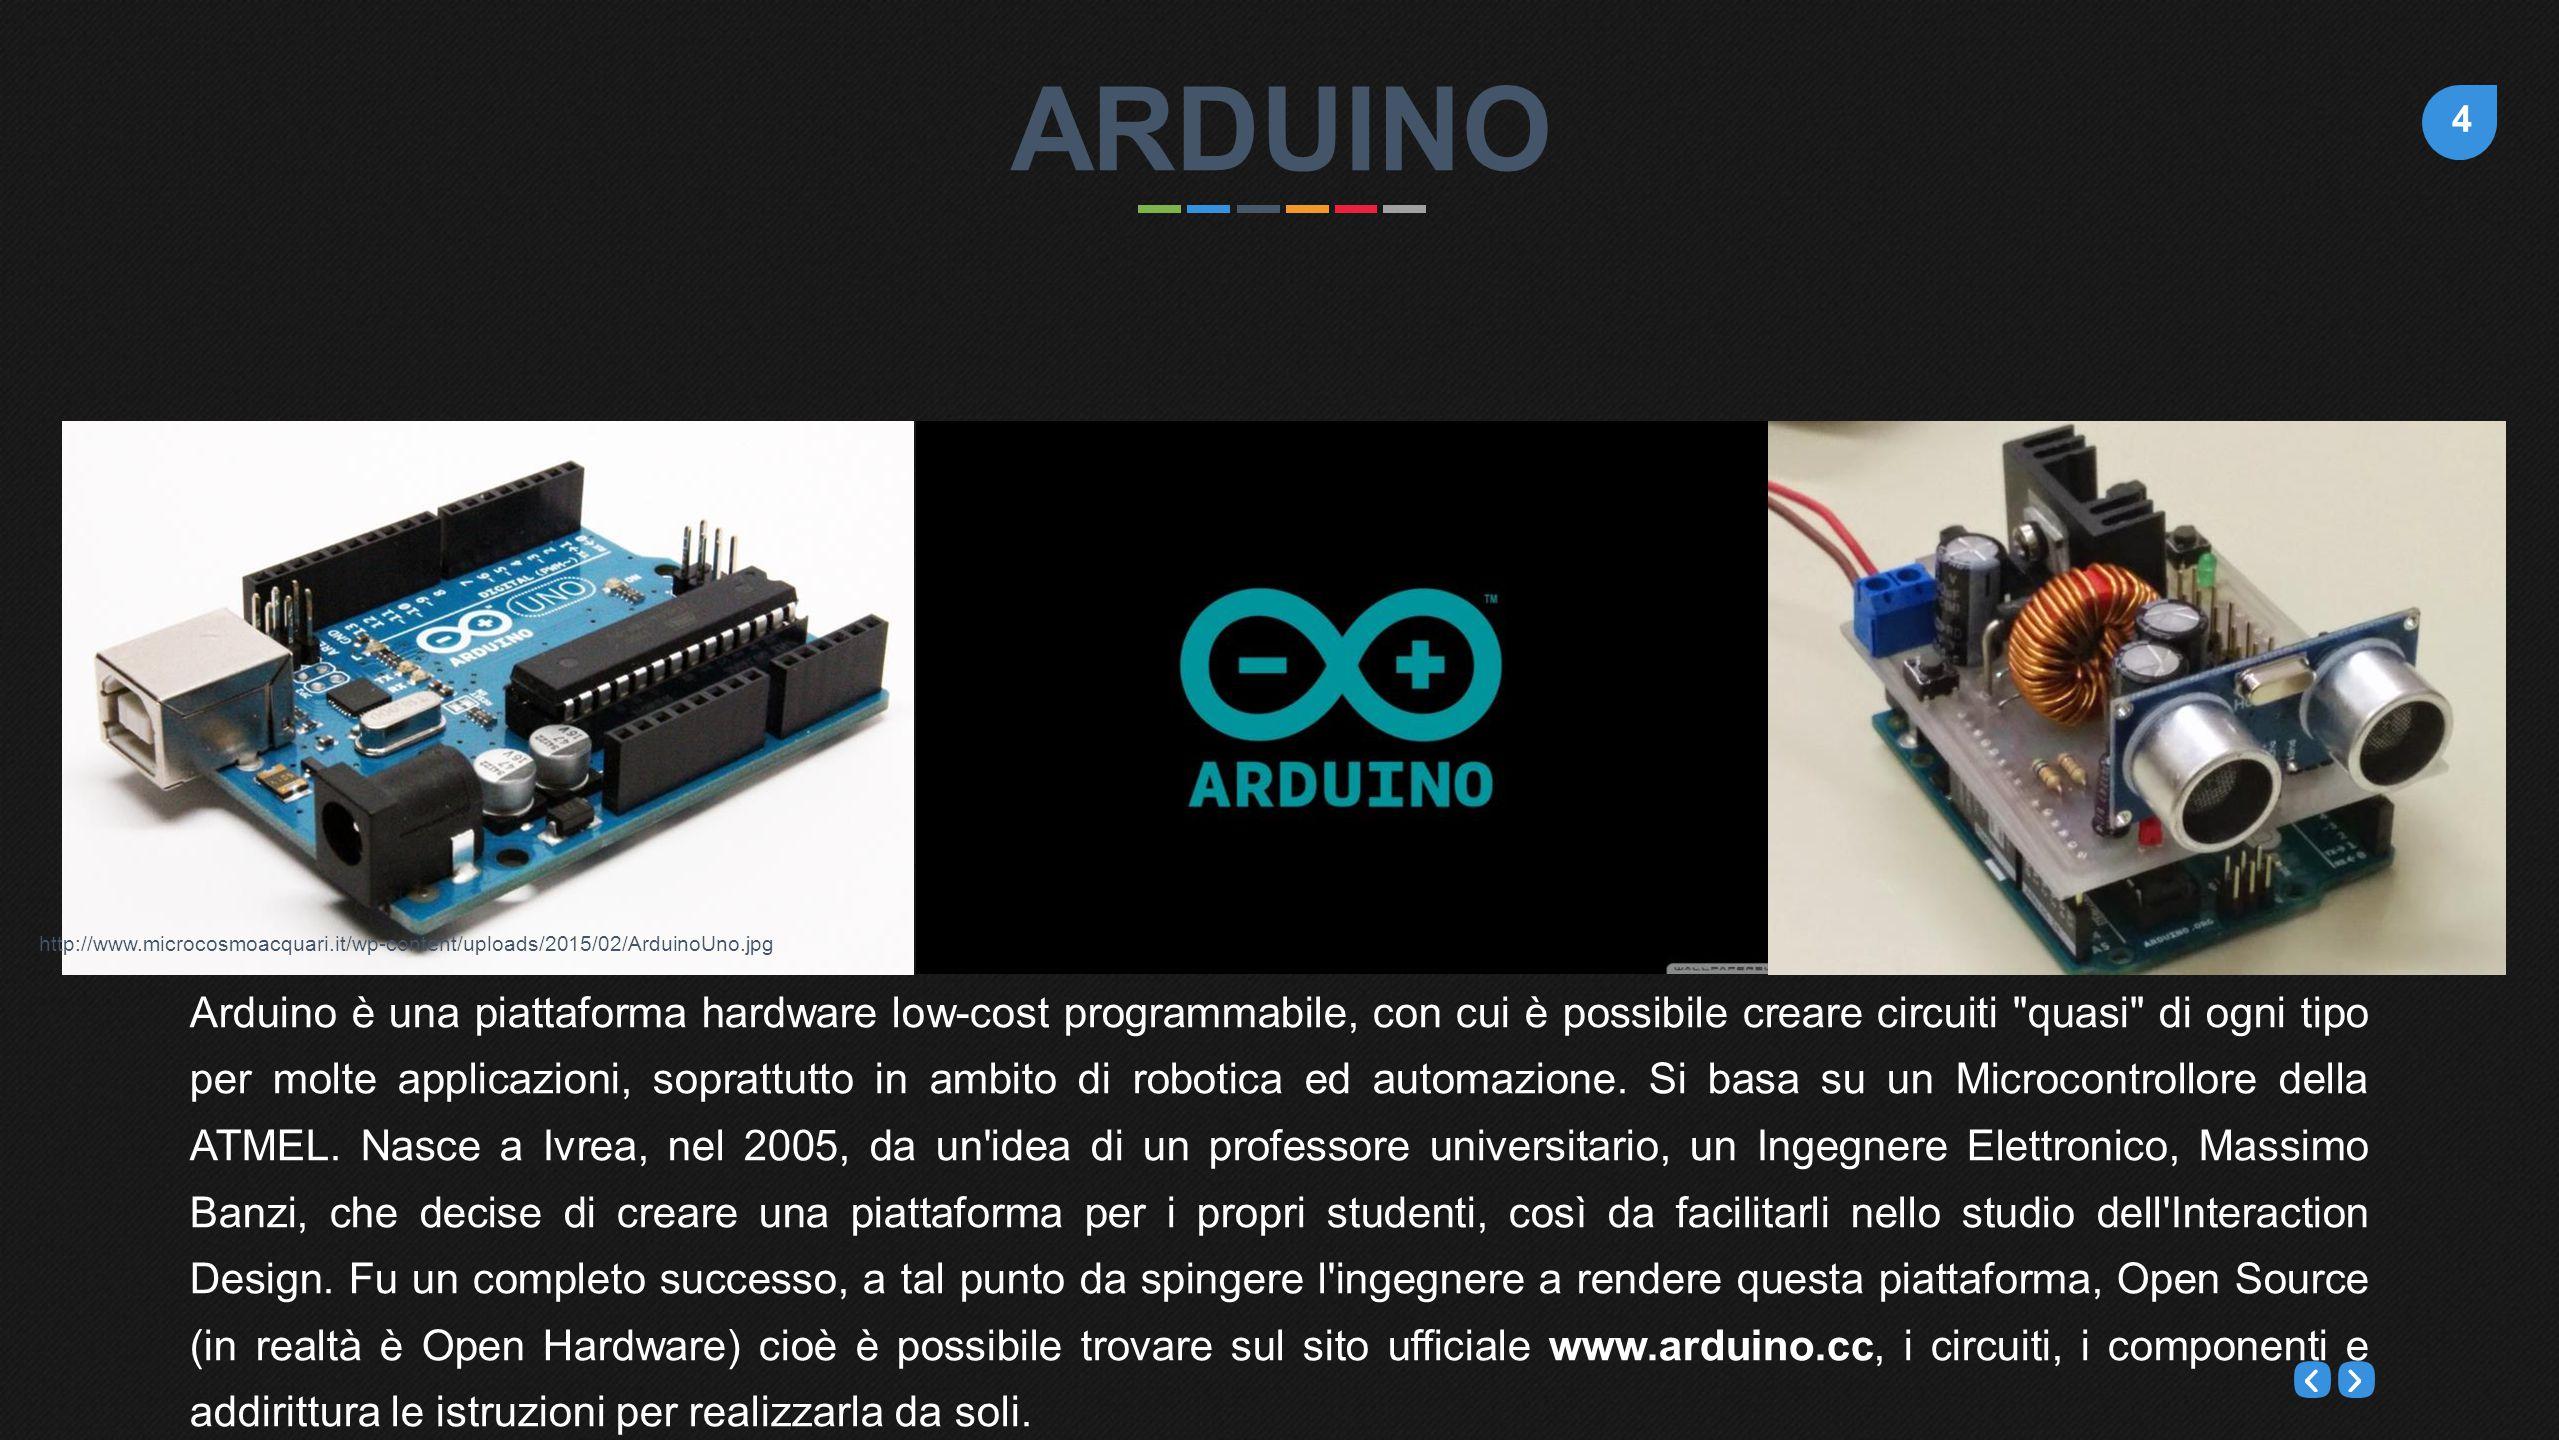 4 Arduino è una piattaforma hardware low-cost programmabile, con cui è possibile creare circuiti quasi di ogni tipo per molte applicazioni, soprattutto in ambito di robotica ed automazione.